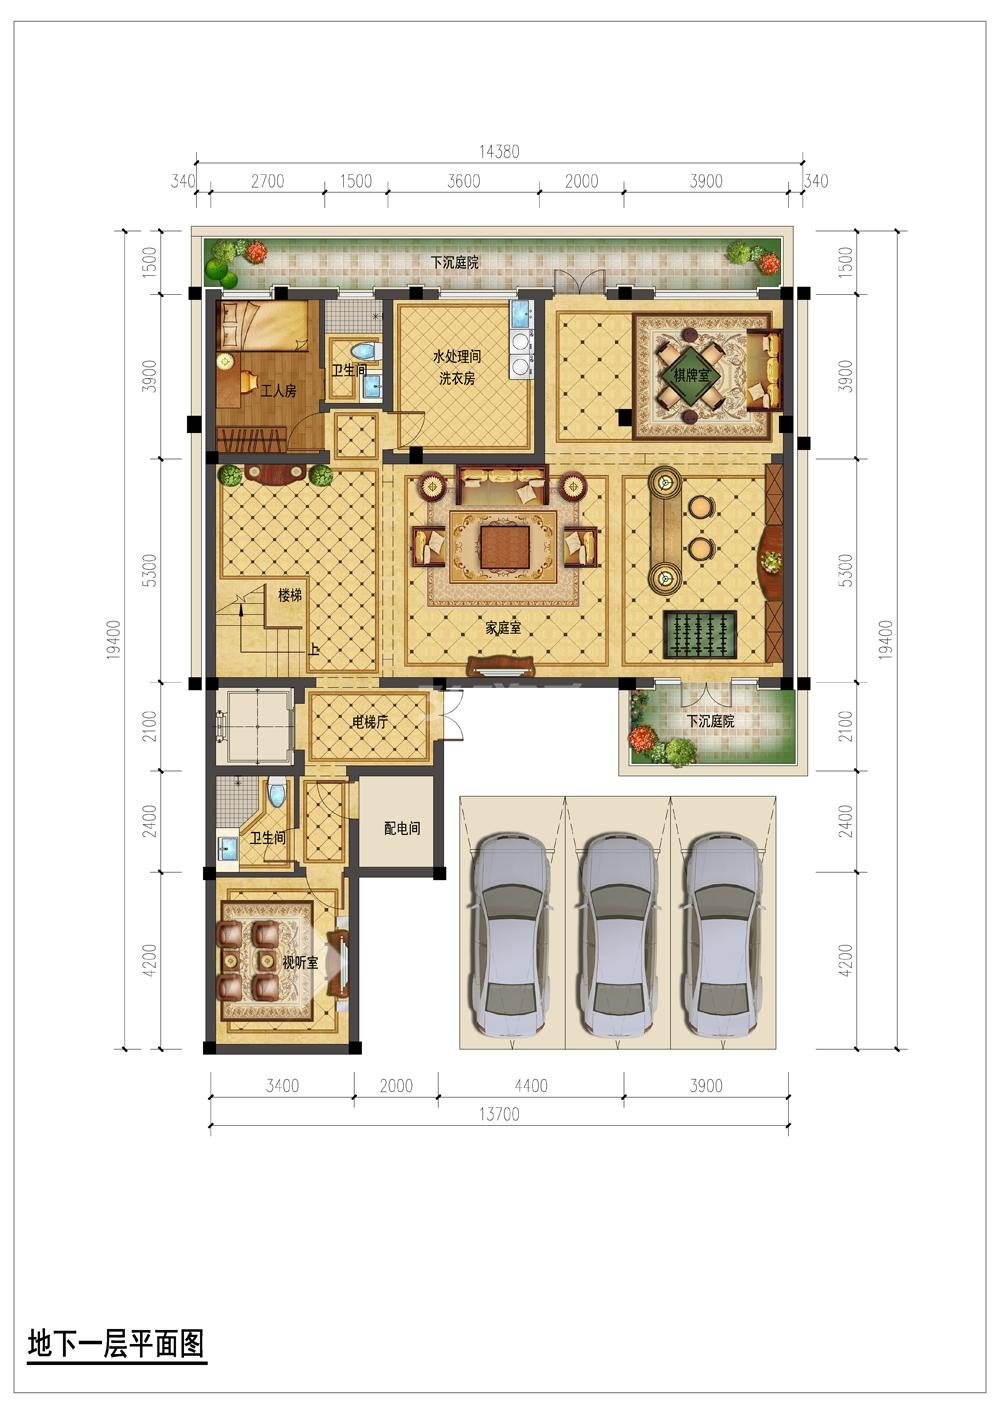 翡翠城月光院子8号楼330S地下一层平面图